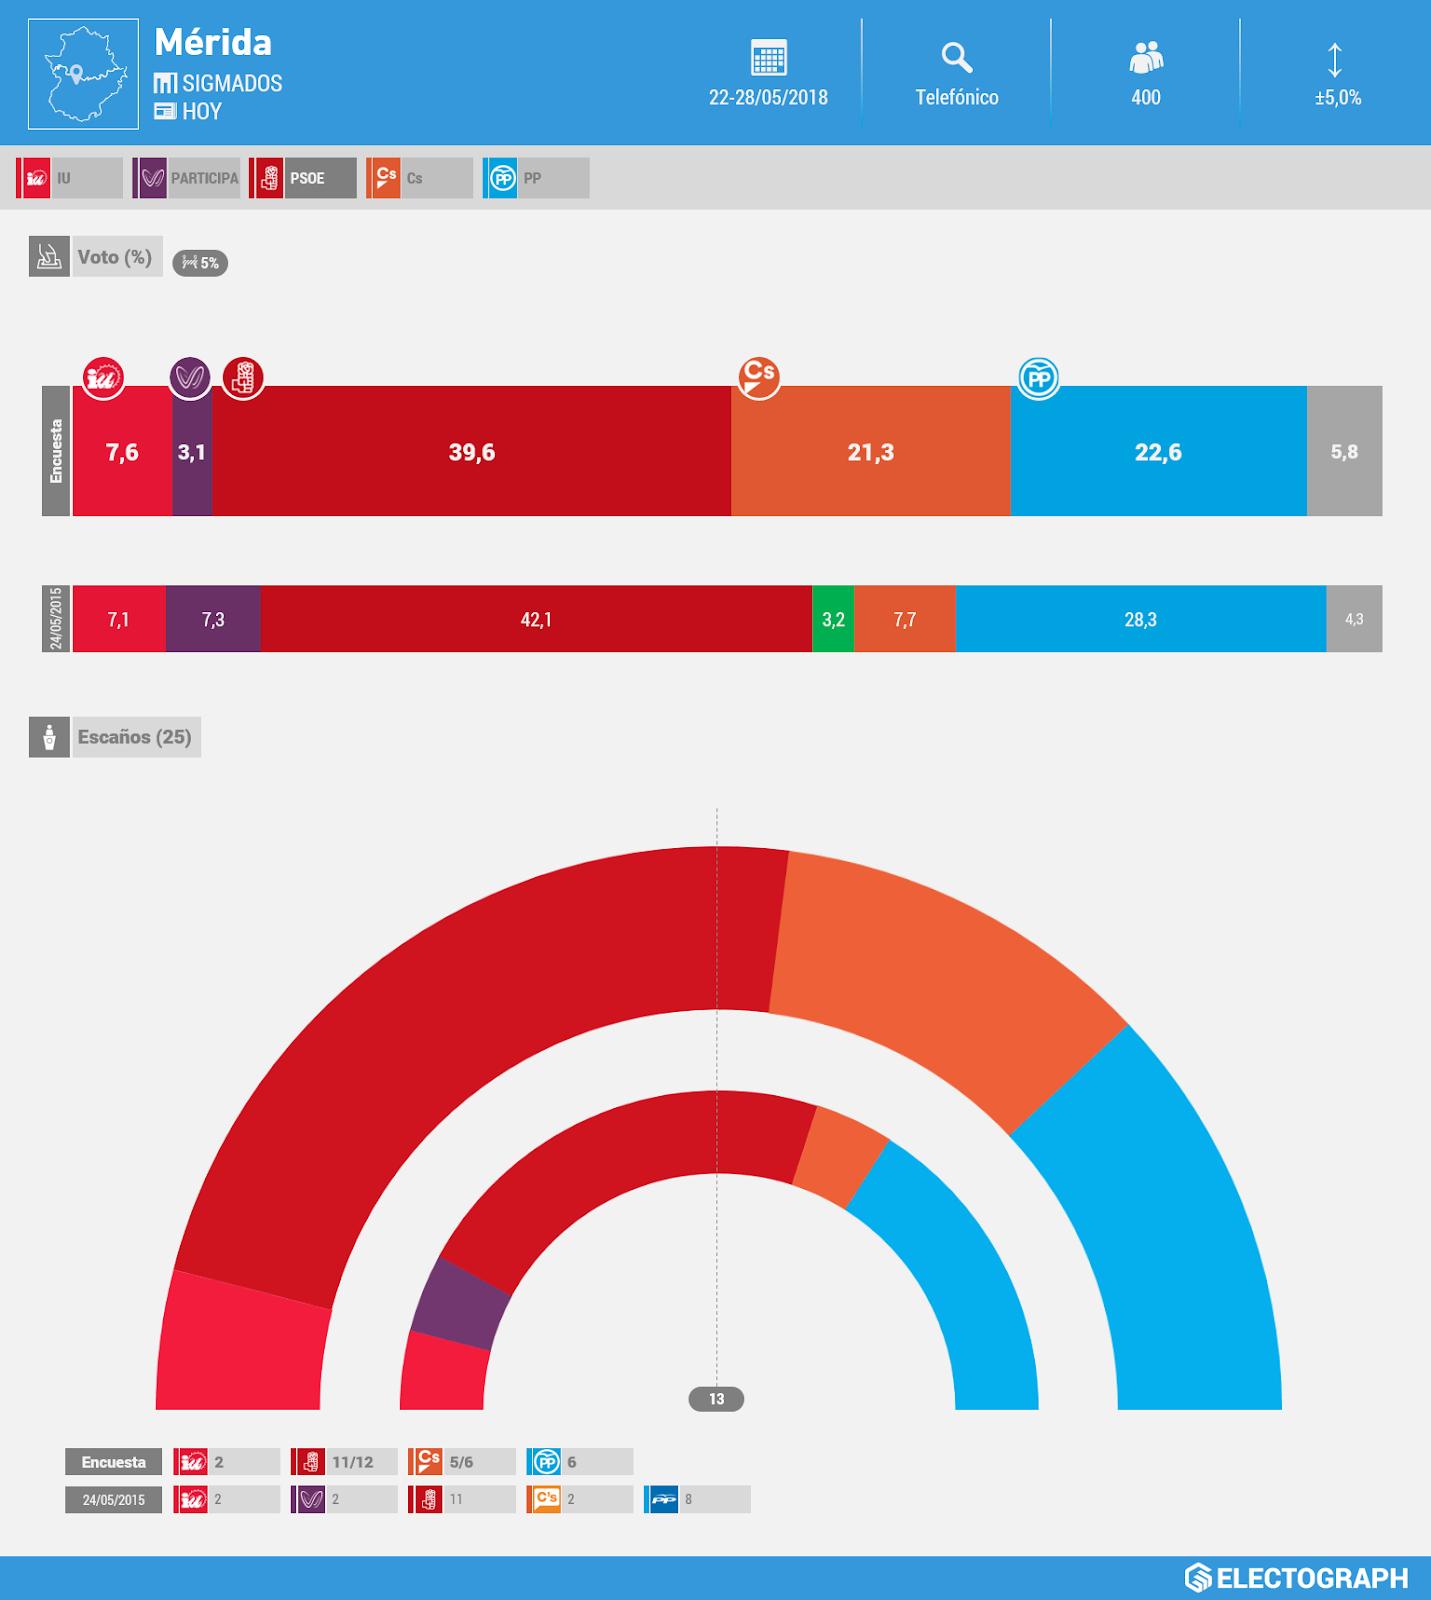 Gráfico de la encuesta para elecciones municipales en Mérida realizada por SigmaDos para Hoy en mayo de 2018